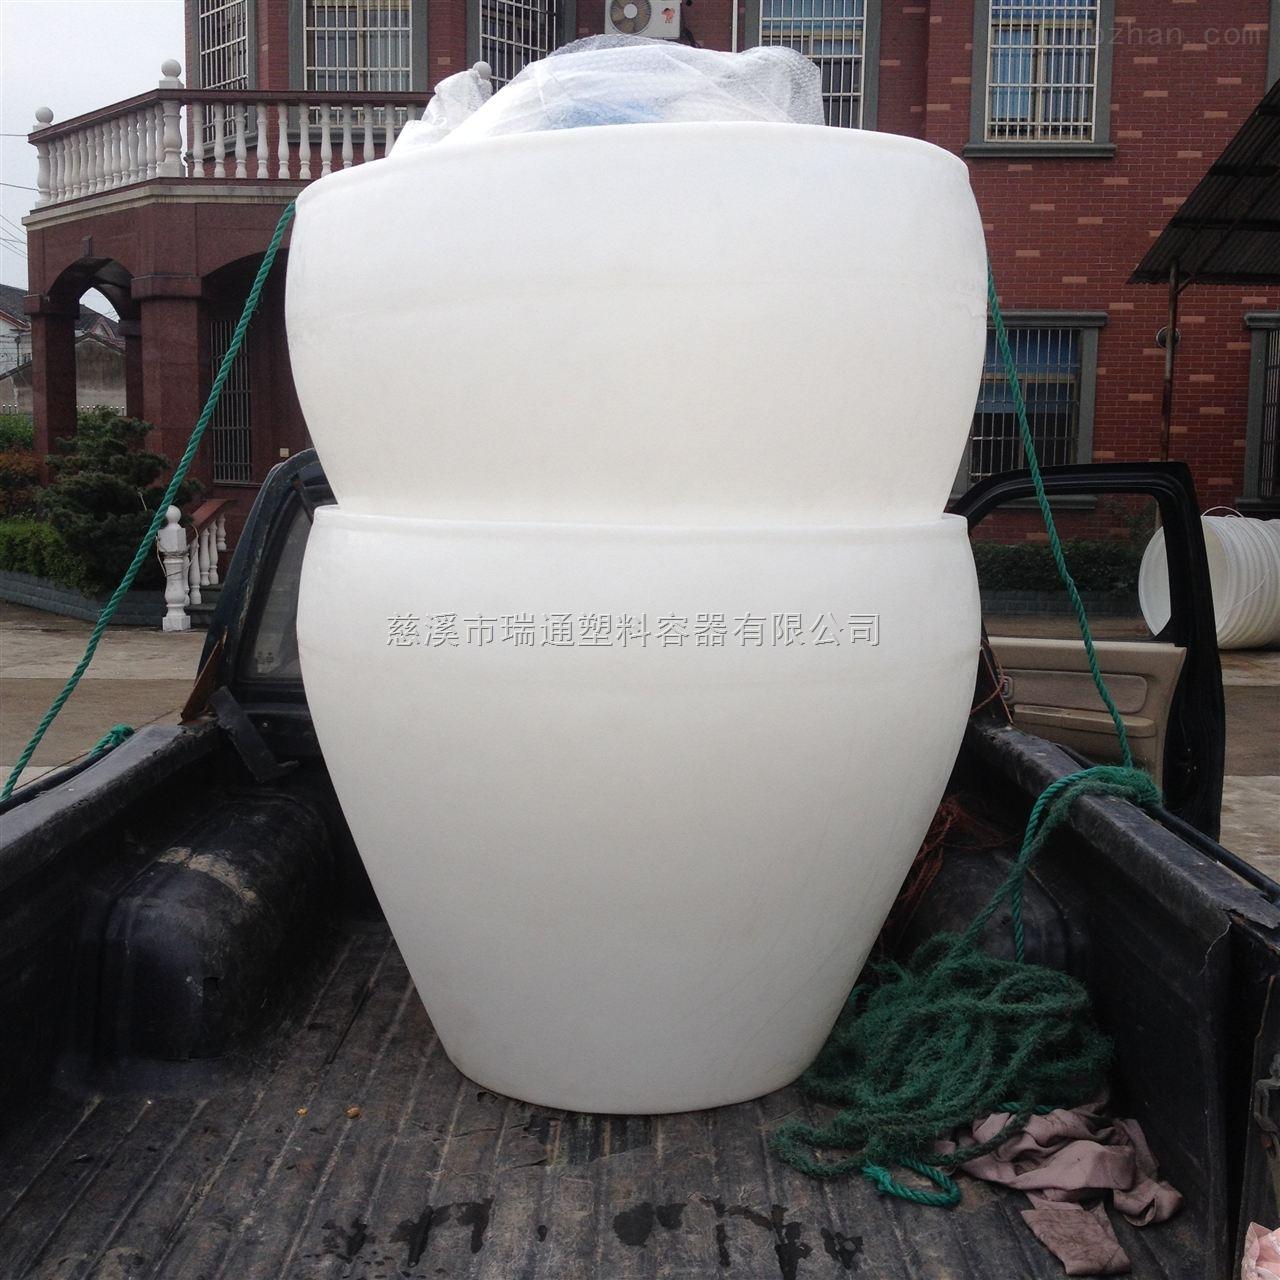 酿酒厂专用塑料酒缸 食品级PE材质发酵缸替代传统陶缸